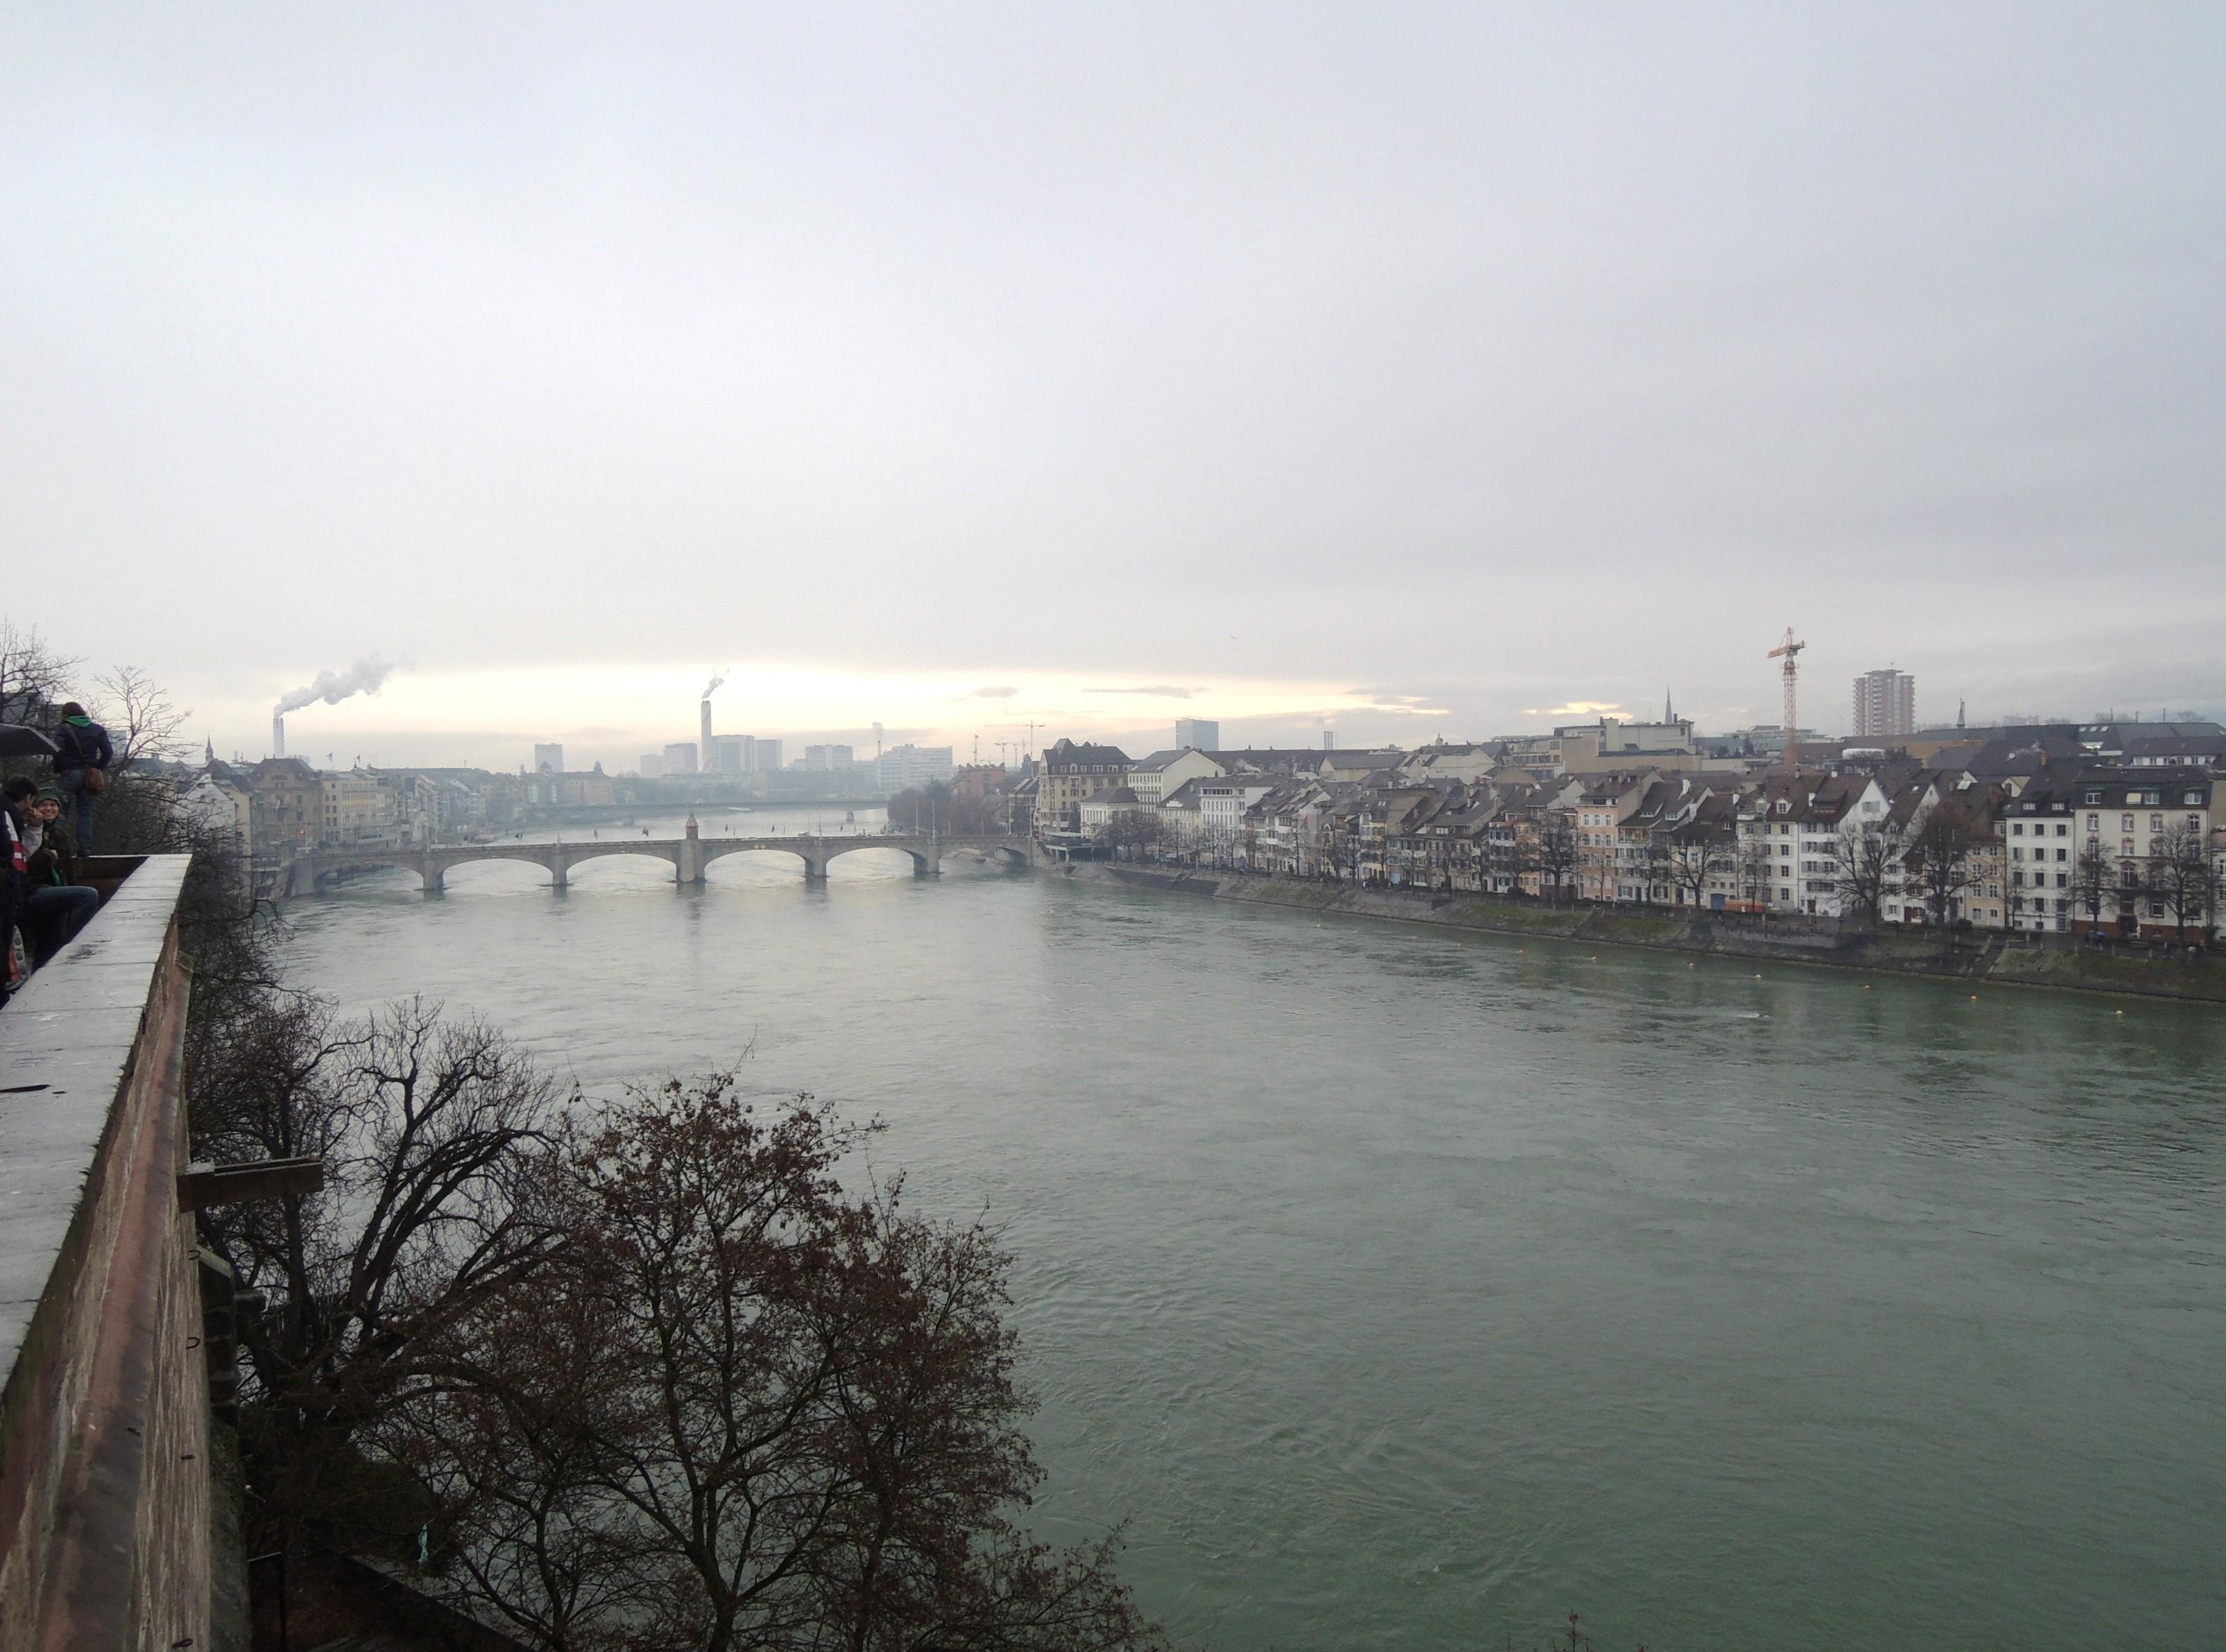 Schweiz Rhein Flußverlauf durch Basel